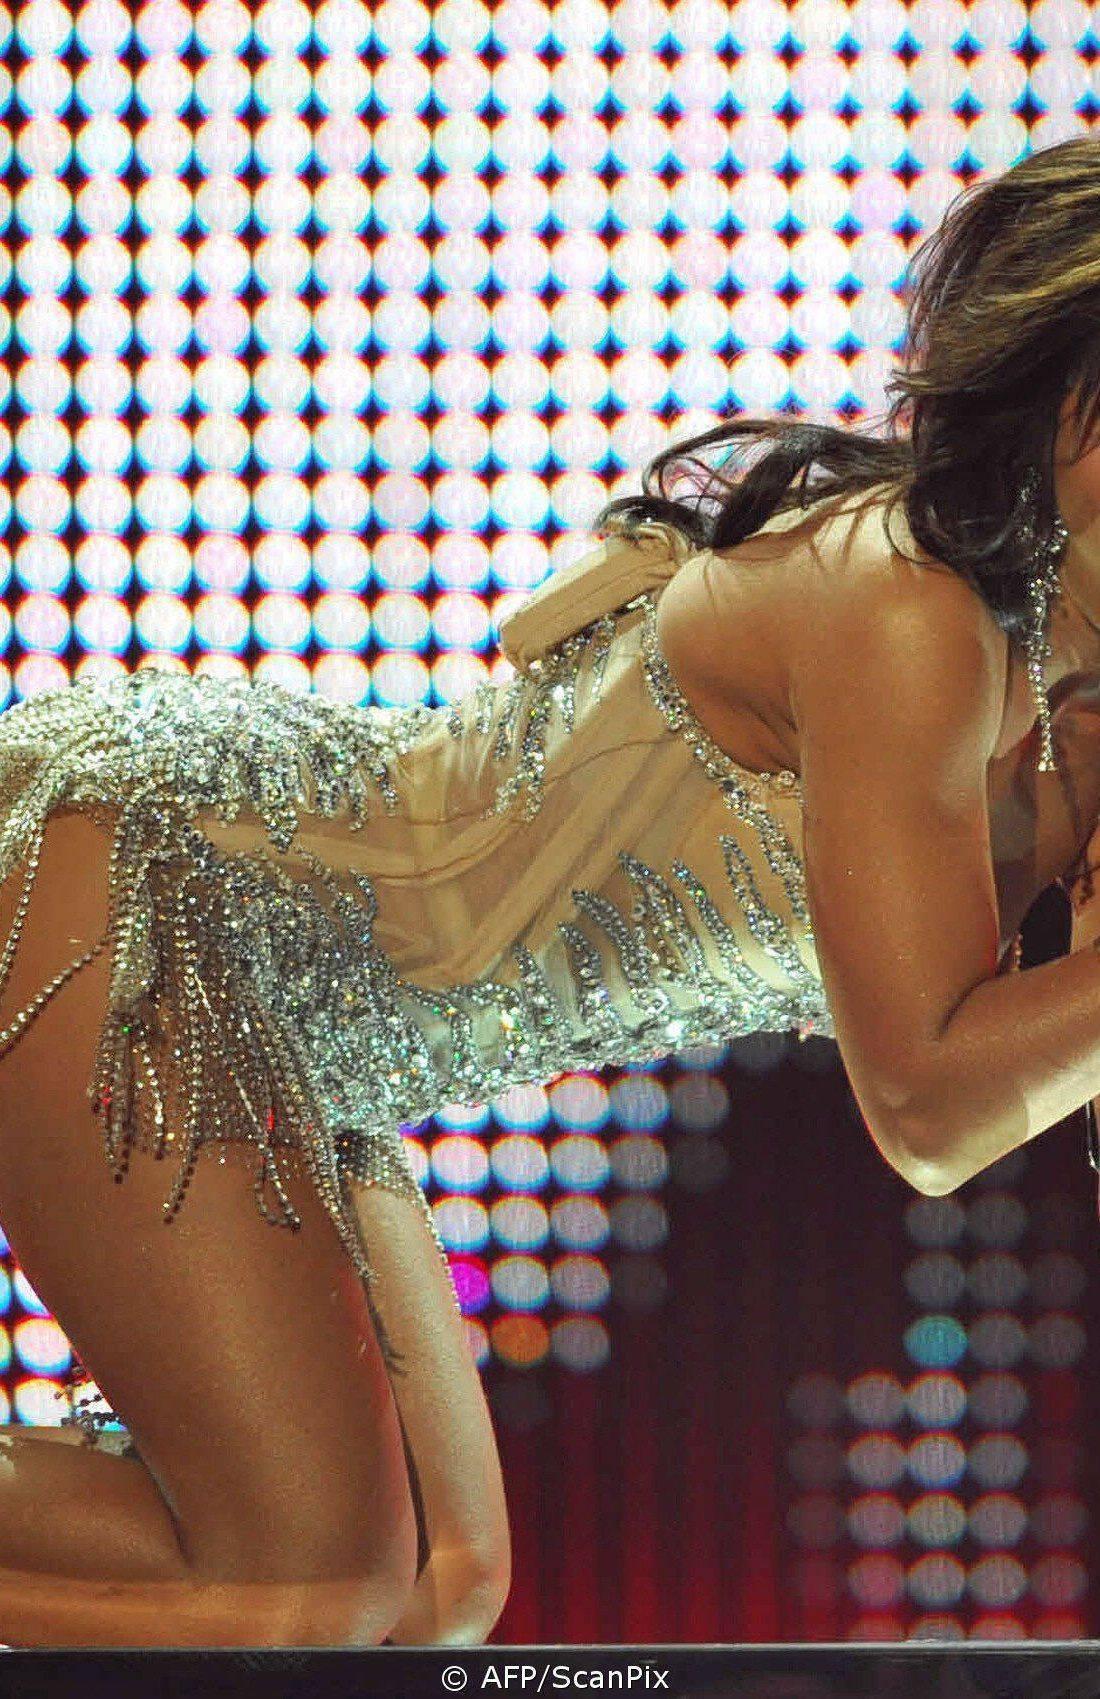 У знаменитости выпала грудь смотреть онлайн 18 фотография